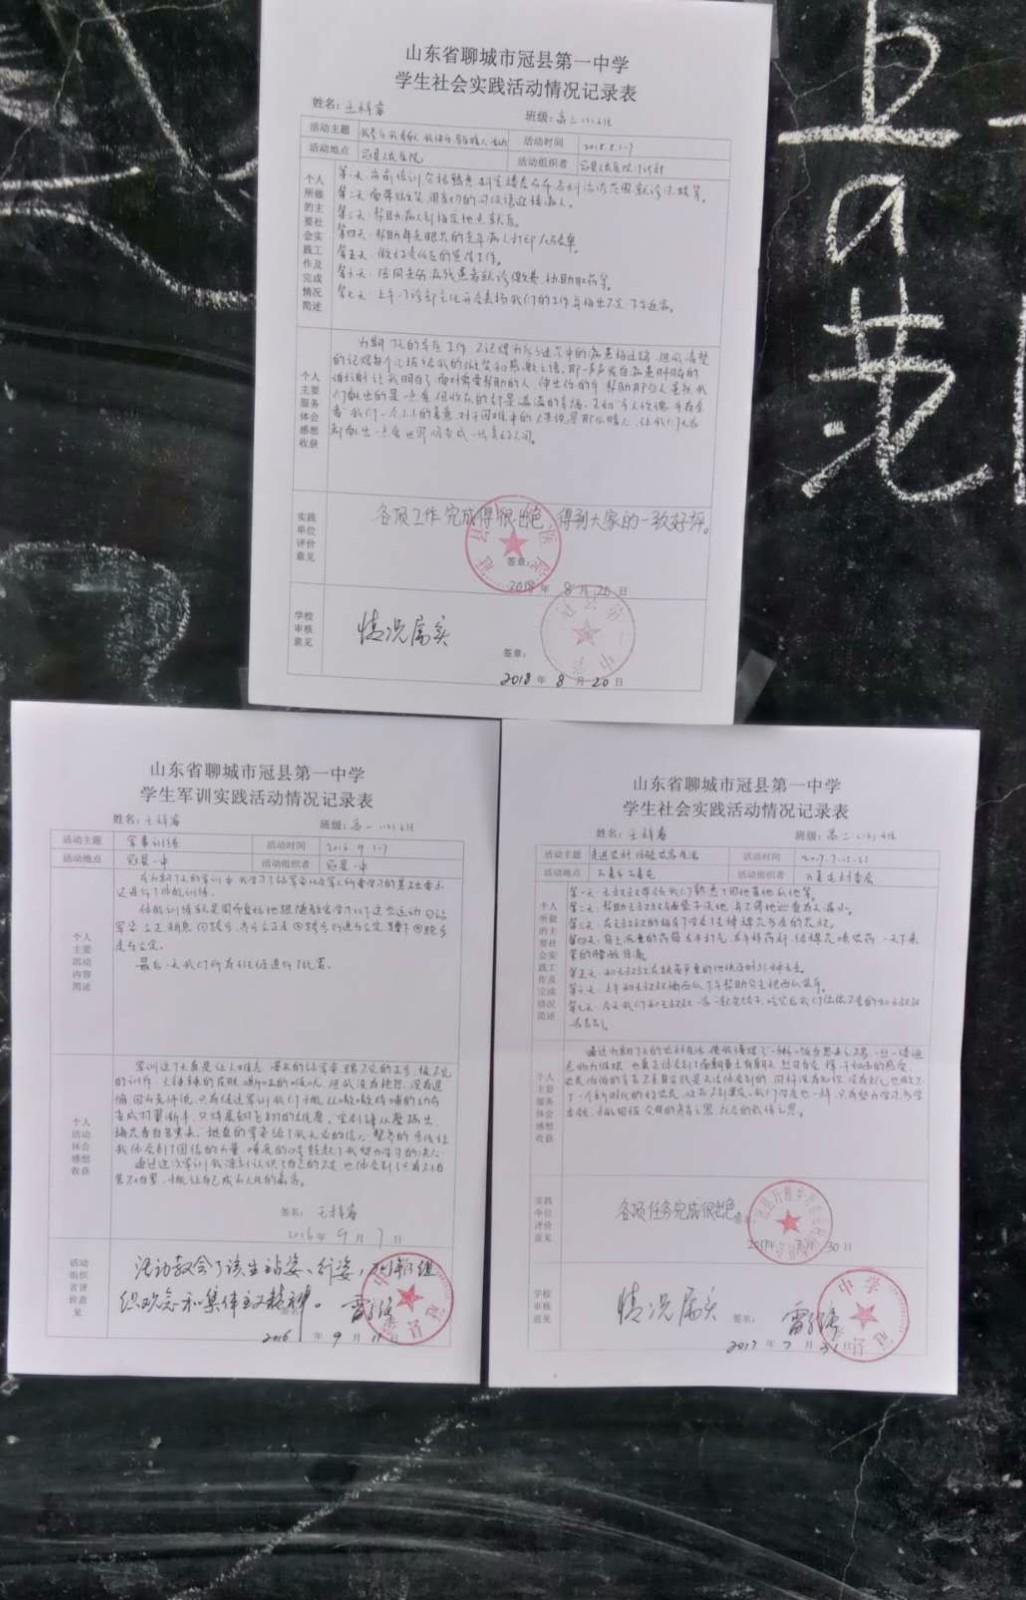 多张附件_看图王.jpg